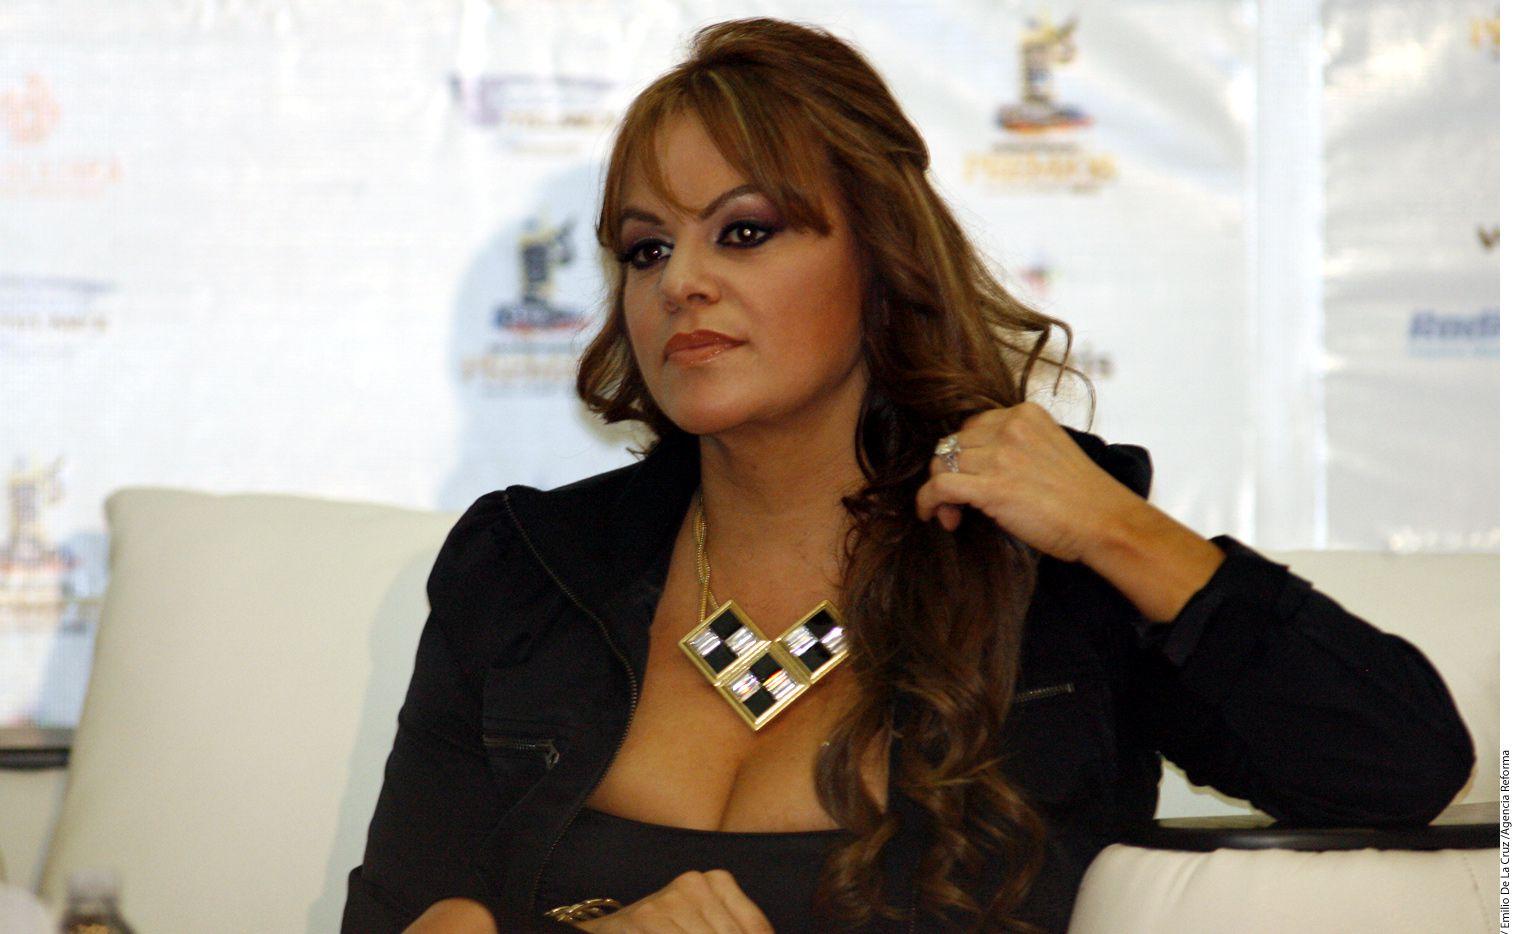 La empresa Jenni Rivera Enterprises dice que el programa Su Nombre es Dolores, de Univisión, incluye escenas difamatorias sobre la cantante Jenny Rivera./ AGENCIA REFORMA